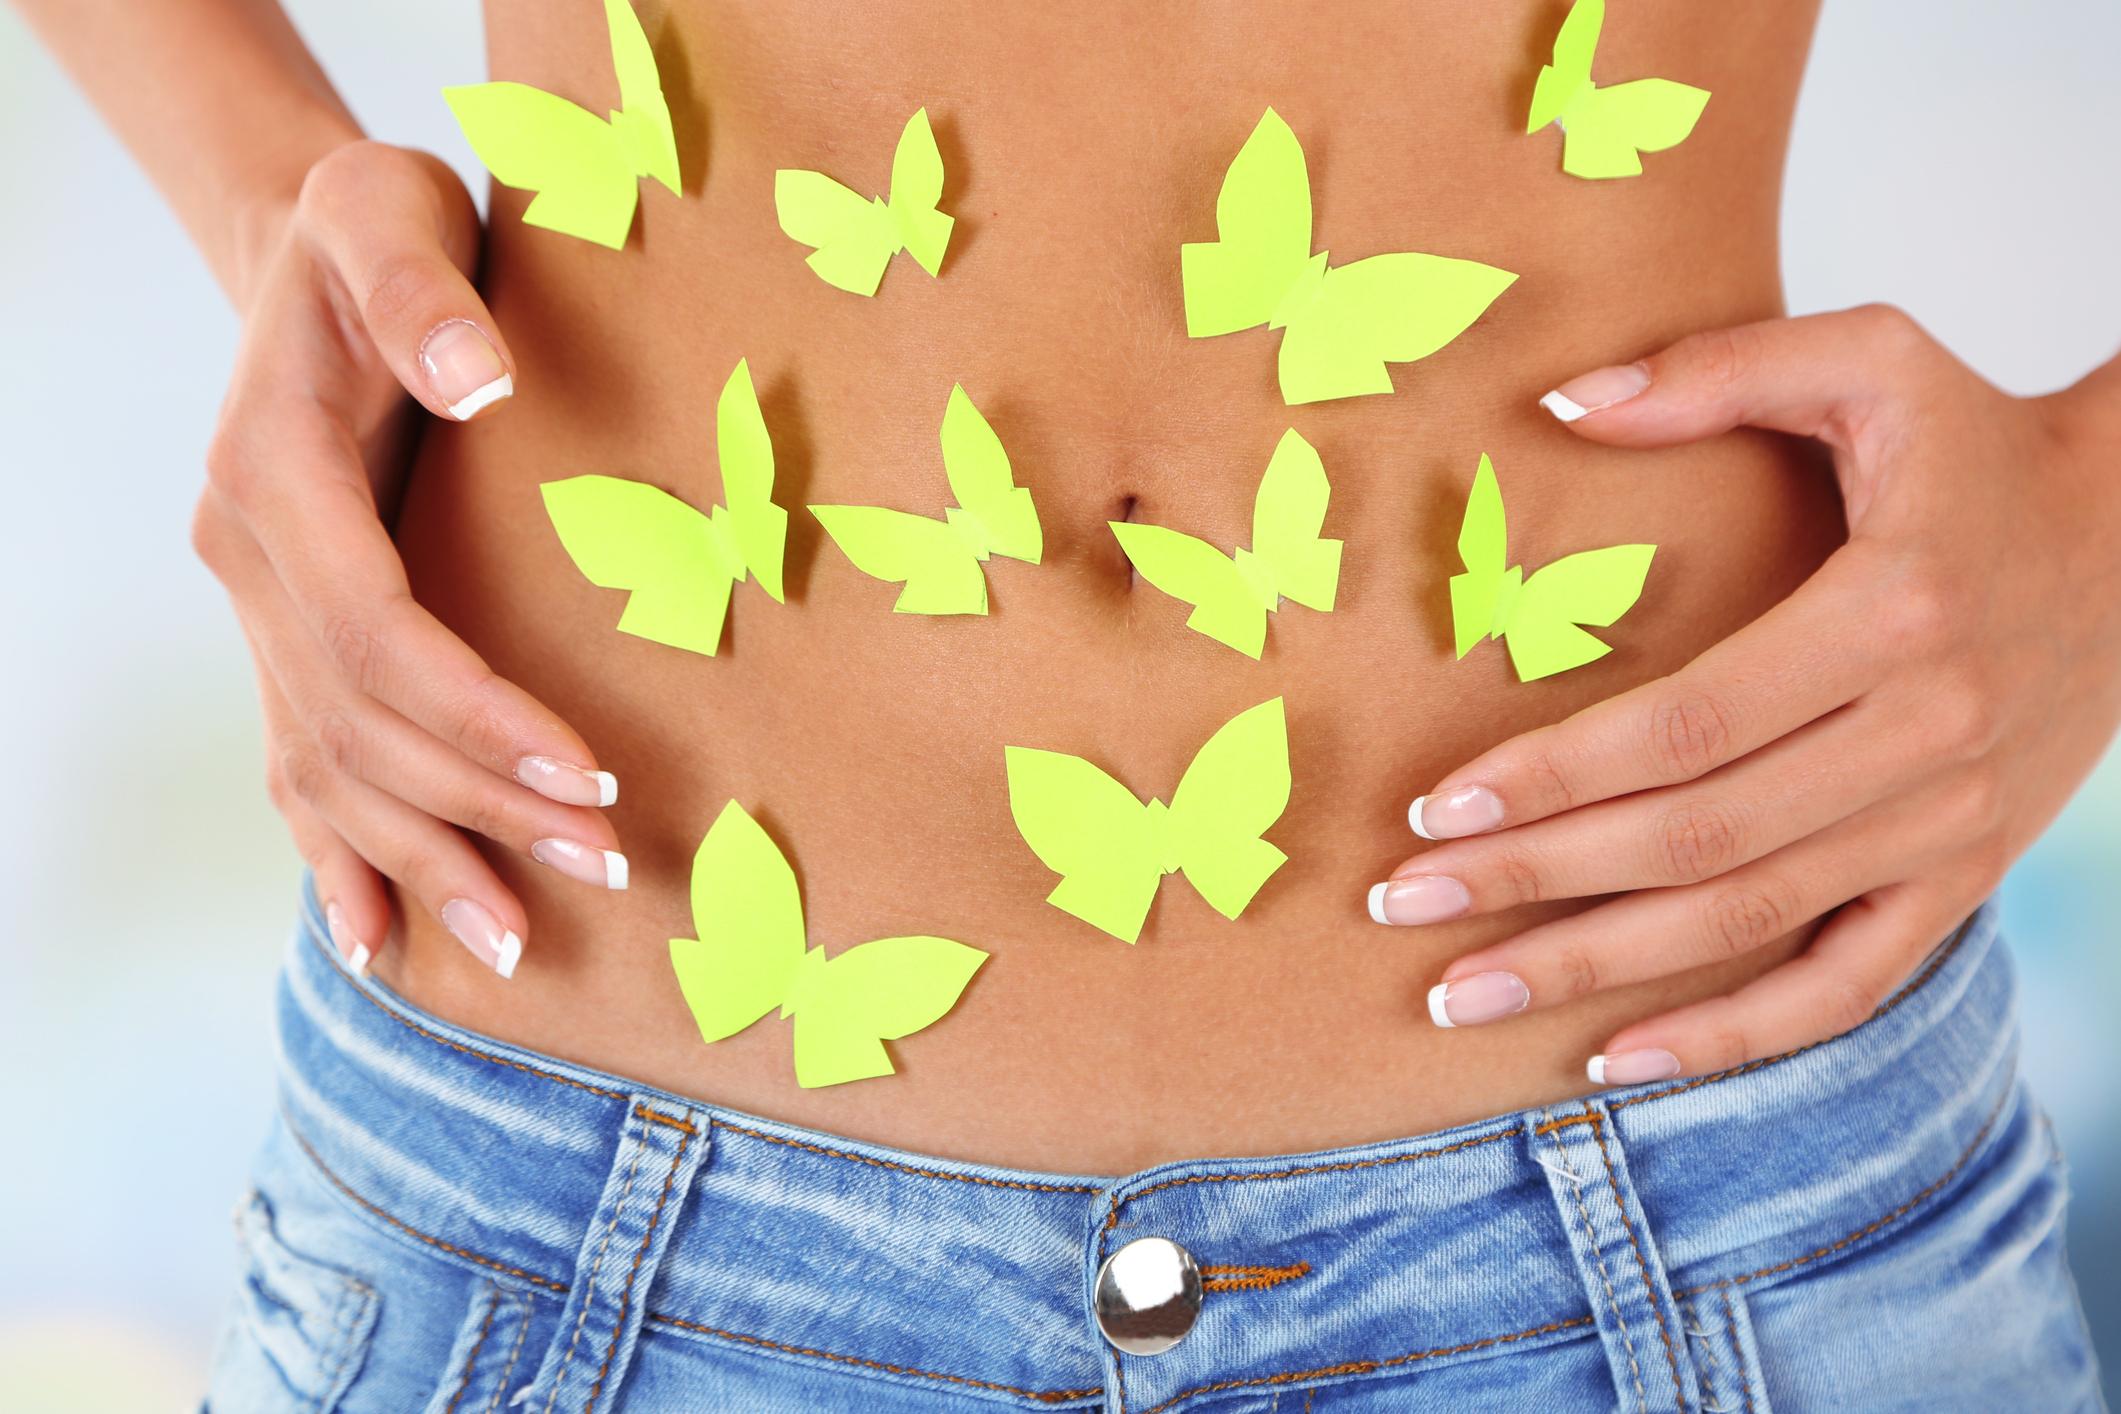 <p><strong>Kilig</strong> (тагалски)</p>  <p>Пеперудите в стомаха, когато си говорите с някого, който харесвате или намирате за привлекателен.</p>